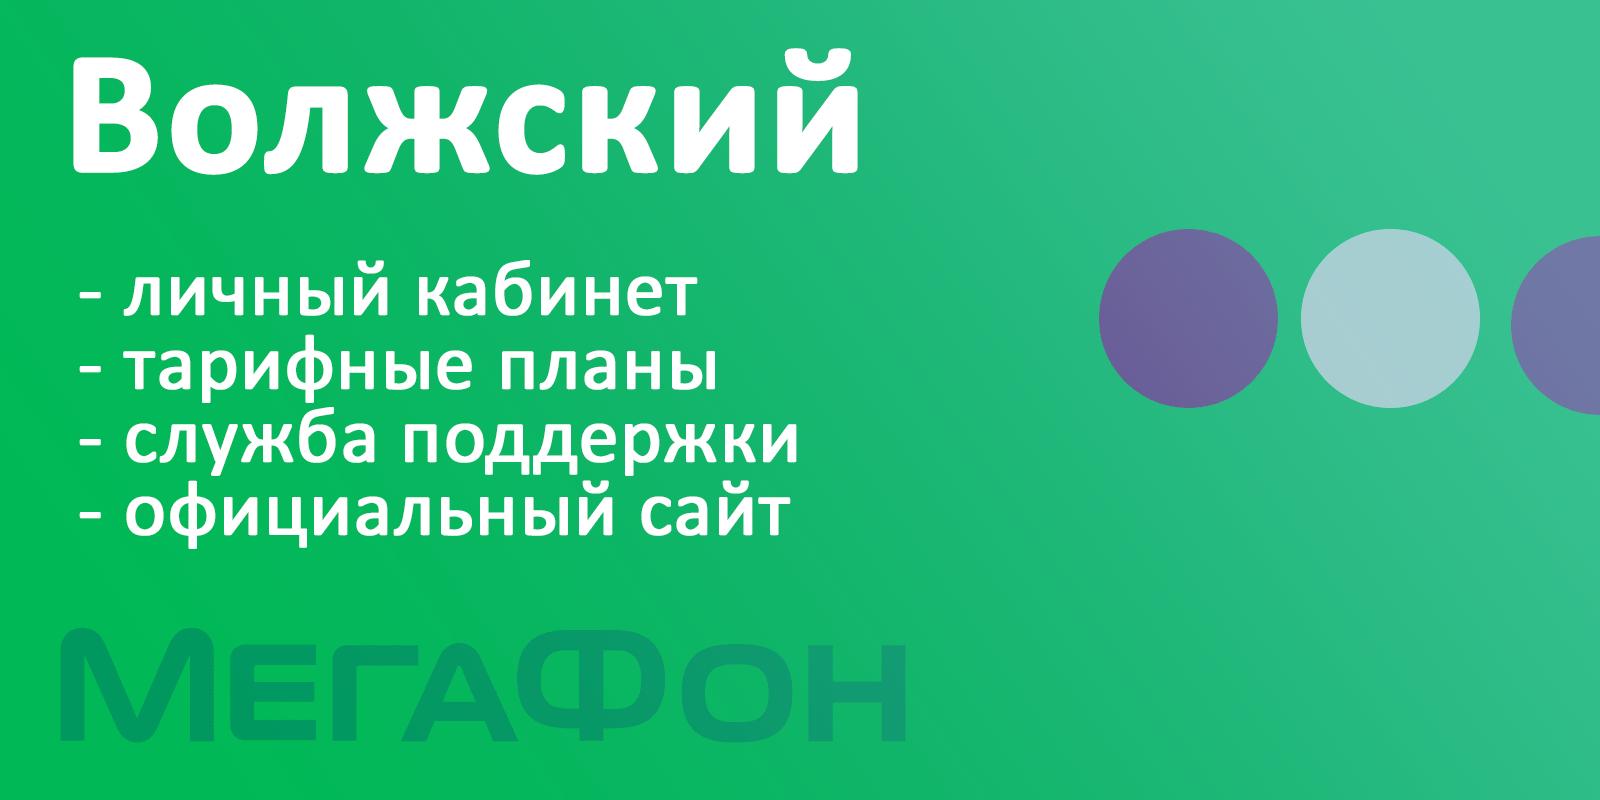 Мегафон Волжский - тарифы, адреса, номера горячей линии